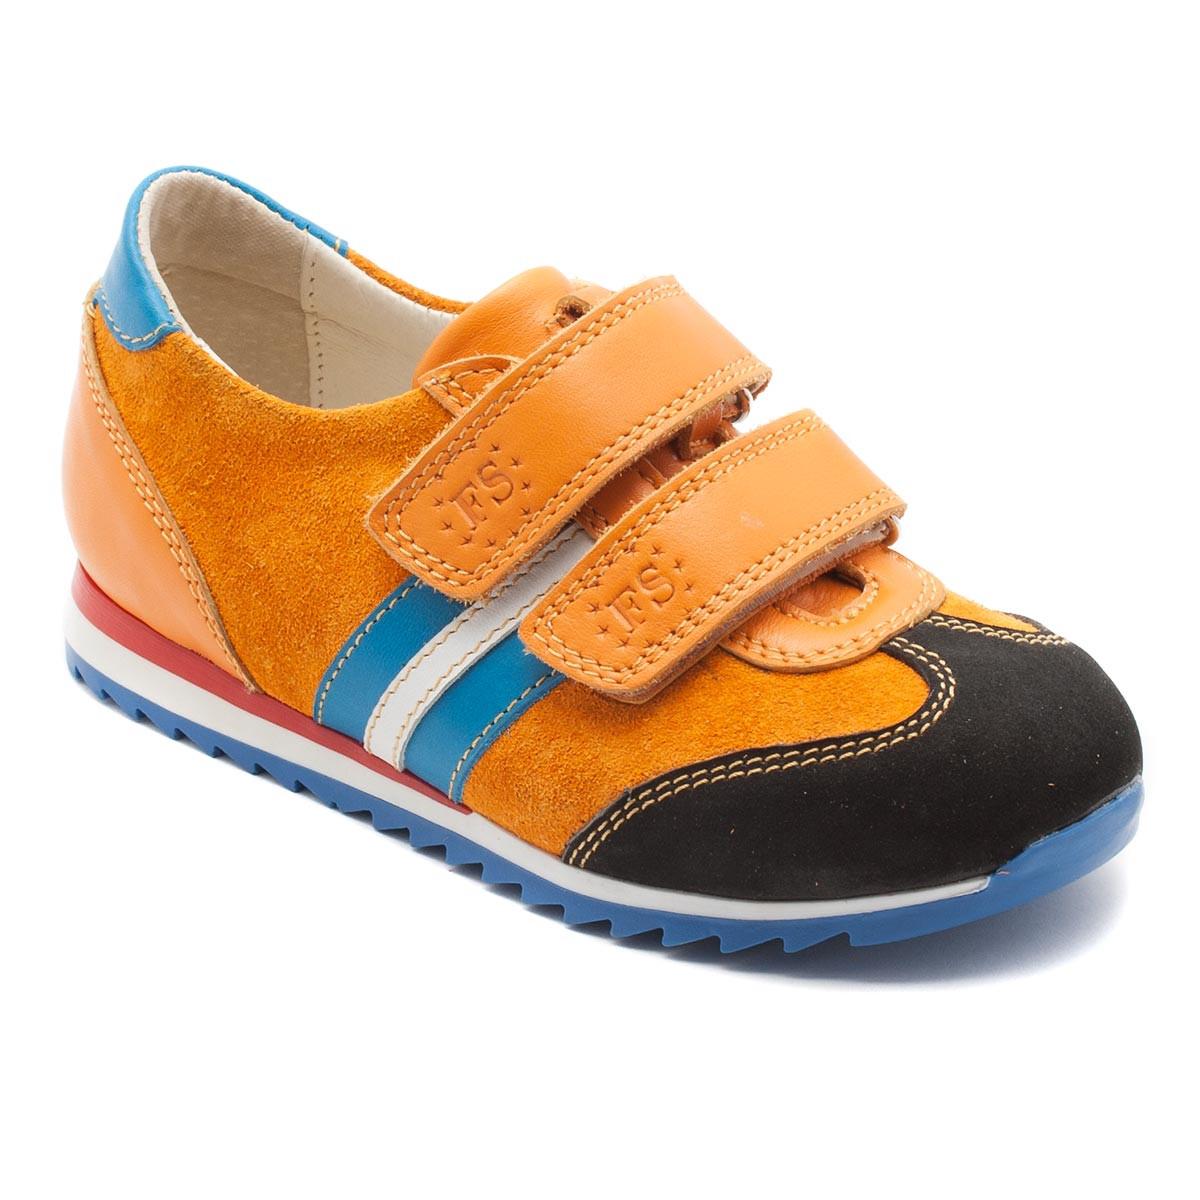 Оранжевые замшевые кроссовки FS Сollection для мальчика, на двух липучках, размер 20-30